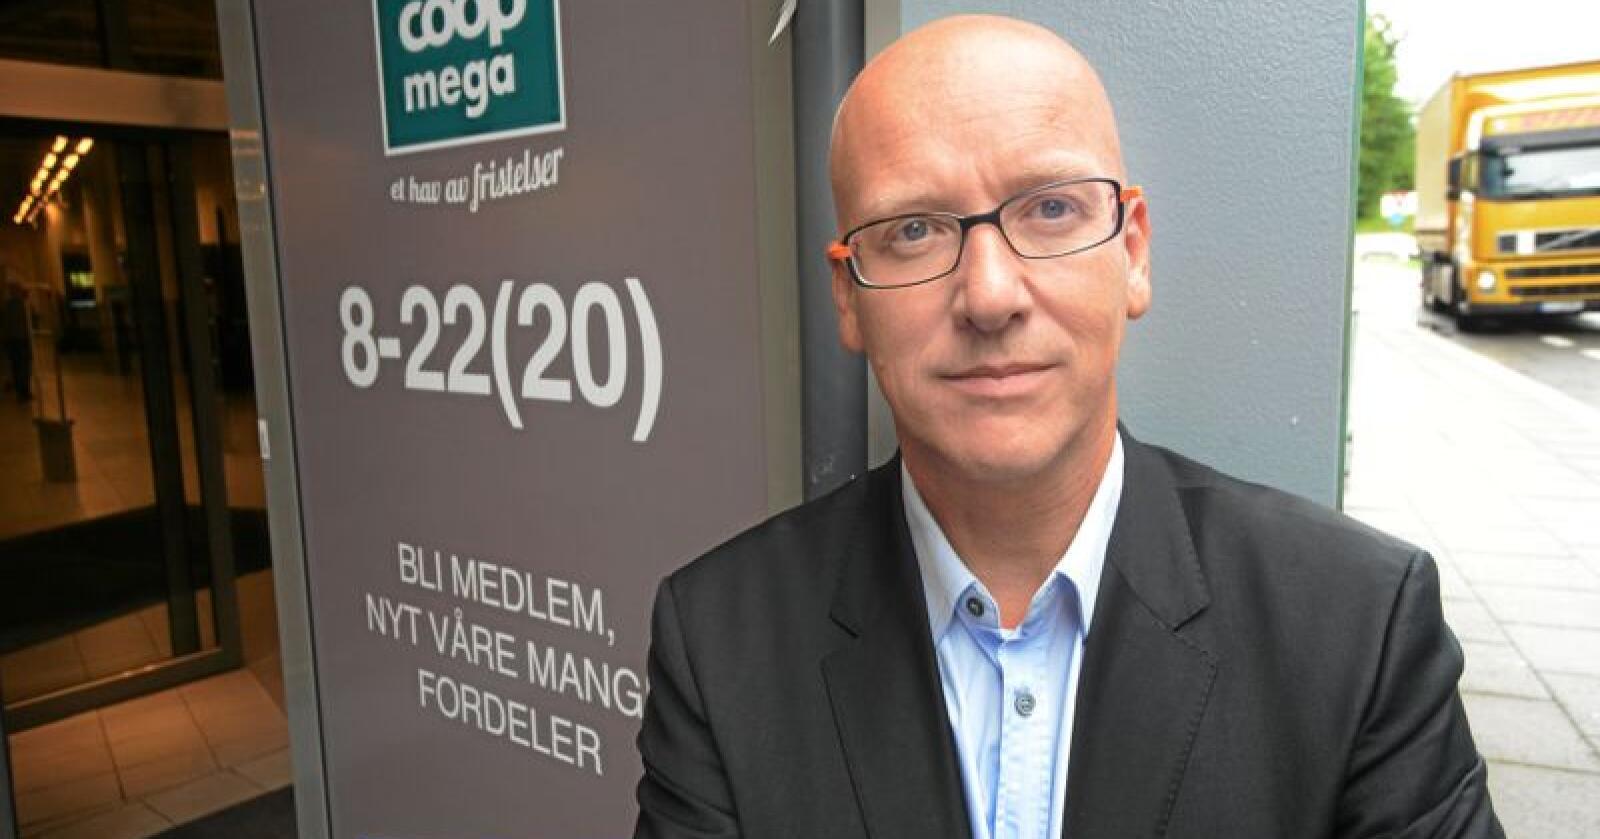 Konsernsjef Geir Inge Stokke i Coop blir bedt om å endre innkjøpspolitikken til selskapet. Foto: Siri Juell Rasmussen